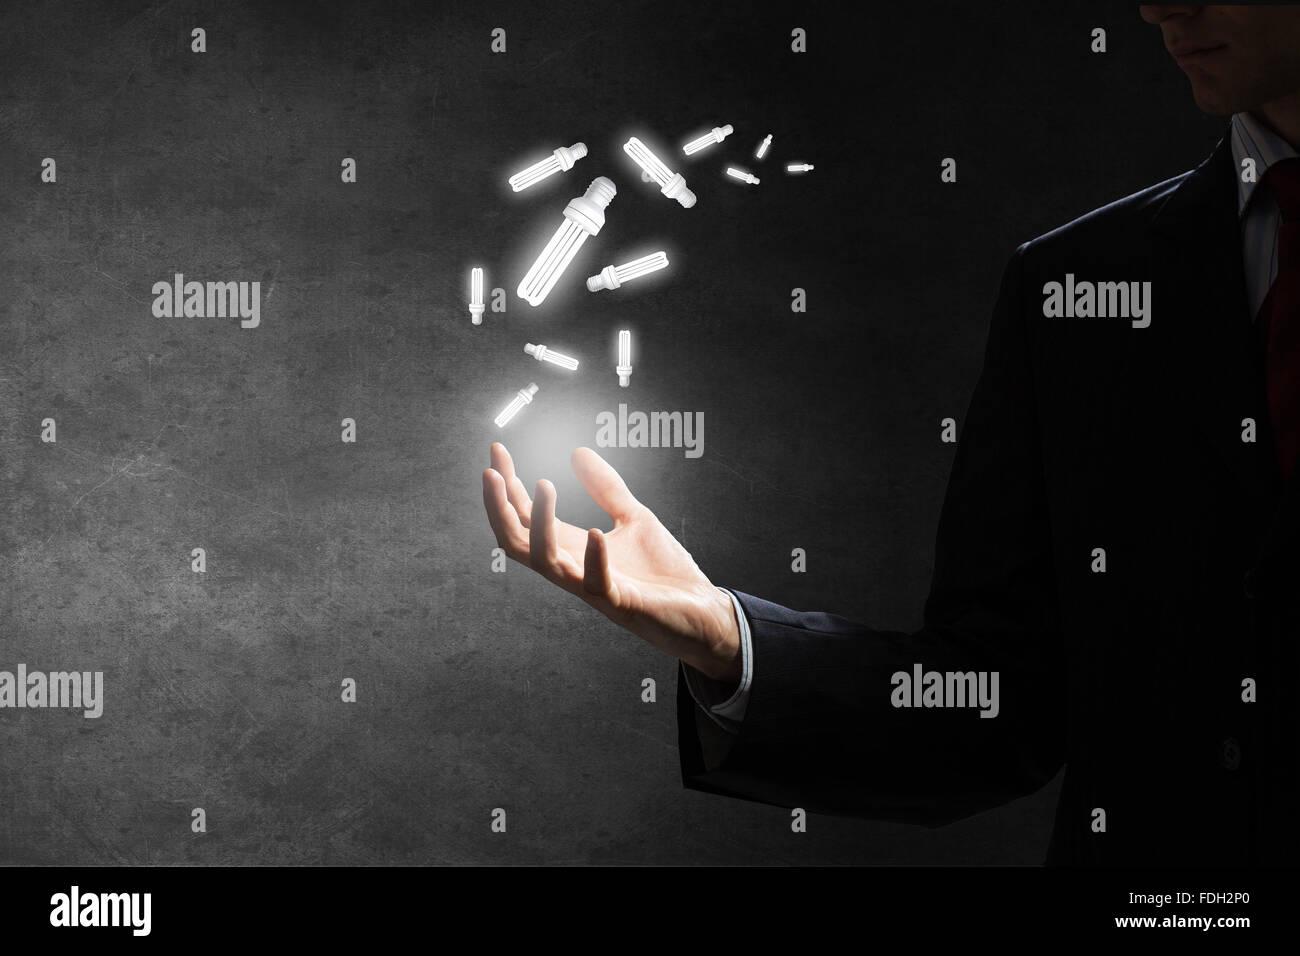 Empresario con bombilla de cristal iluminado en la mano Imagen De Stock